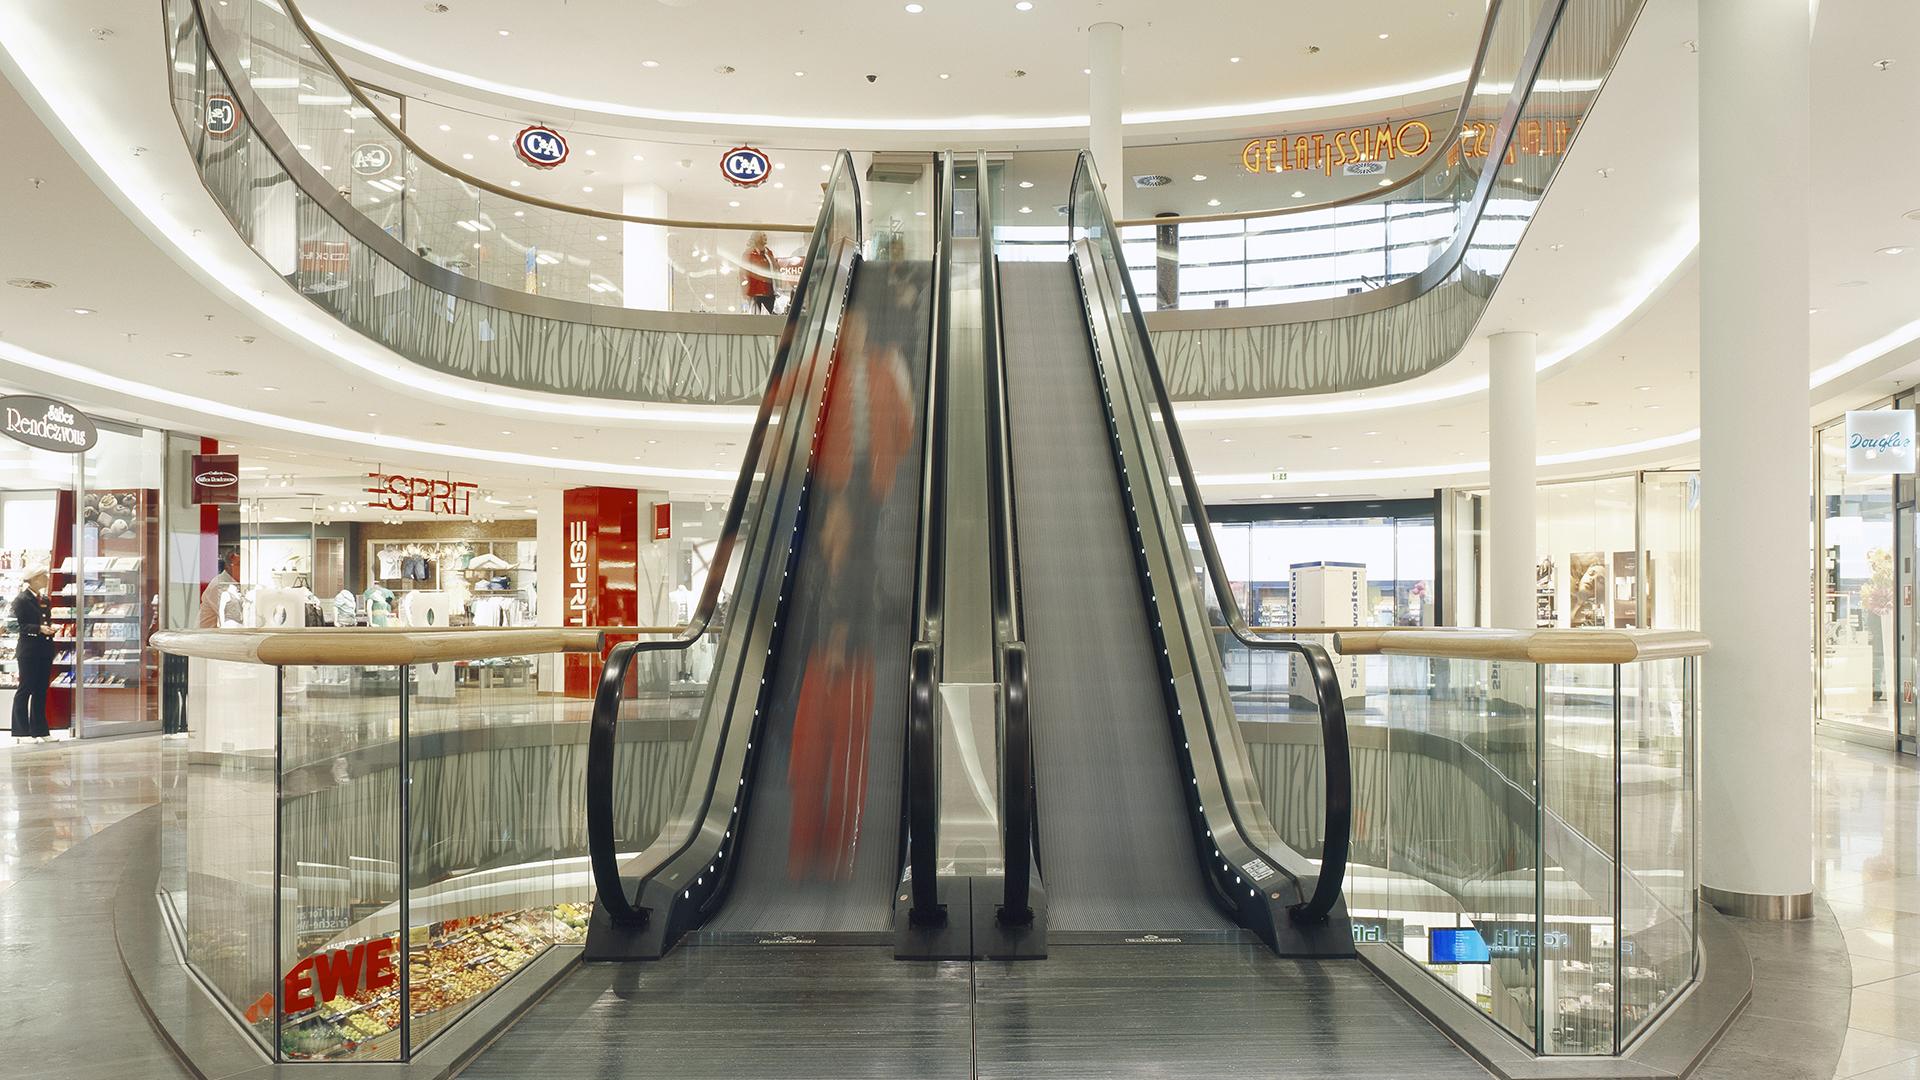 Shoppingcenter mira, München